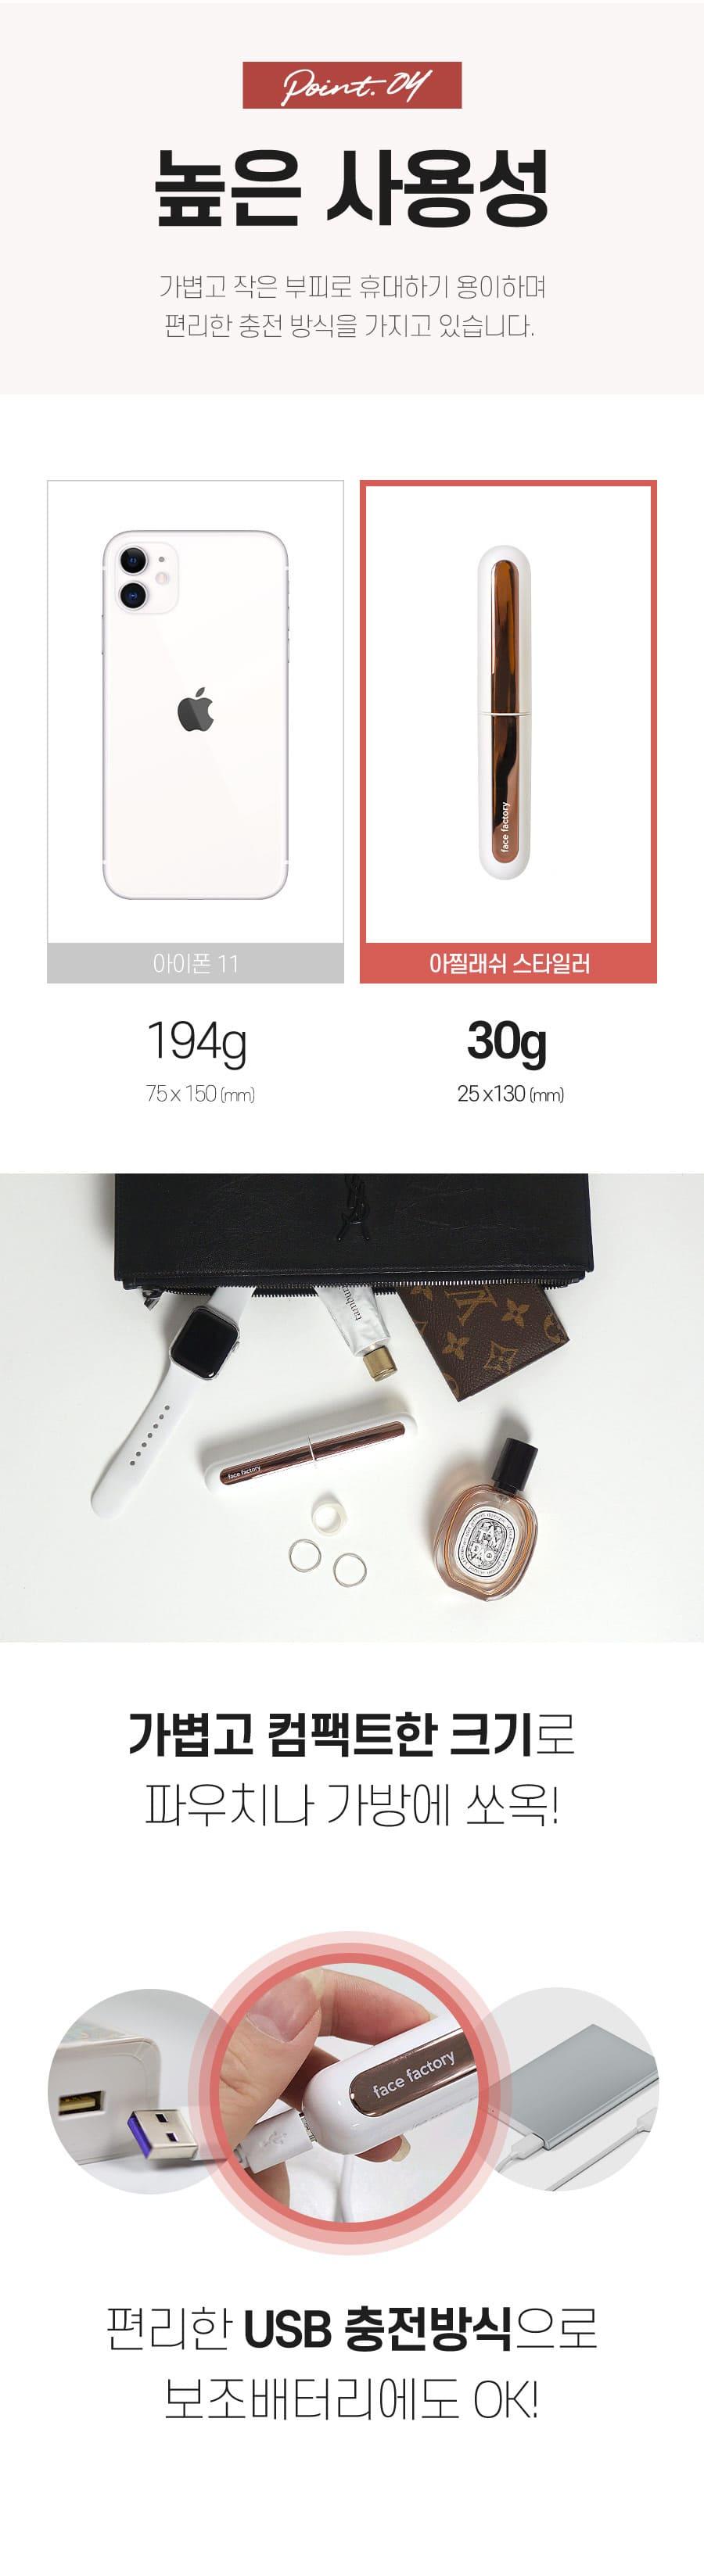 페이스팩토리(FACE FACTORY) 속눈썹고데기 아찔한 컬링 고데기